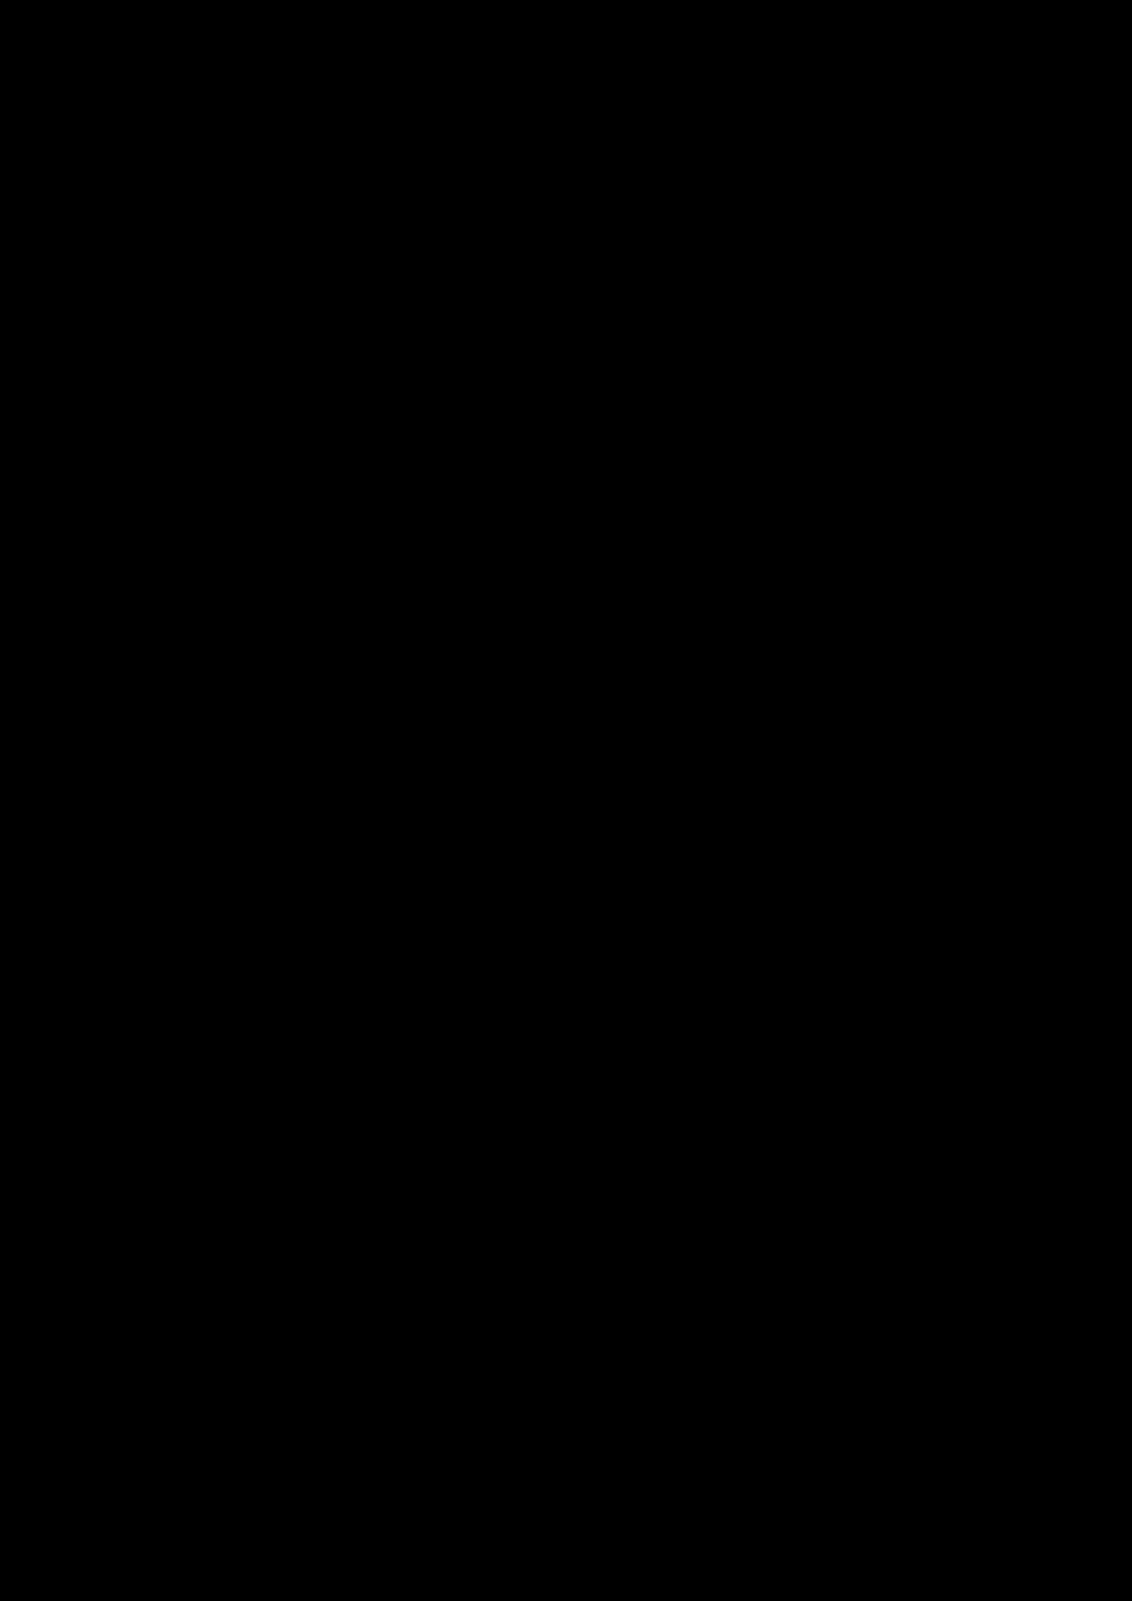 Proschanie s volshebnoy stranoy slide, Image 102